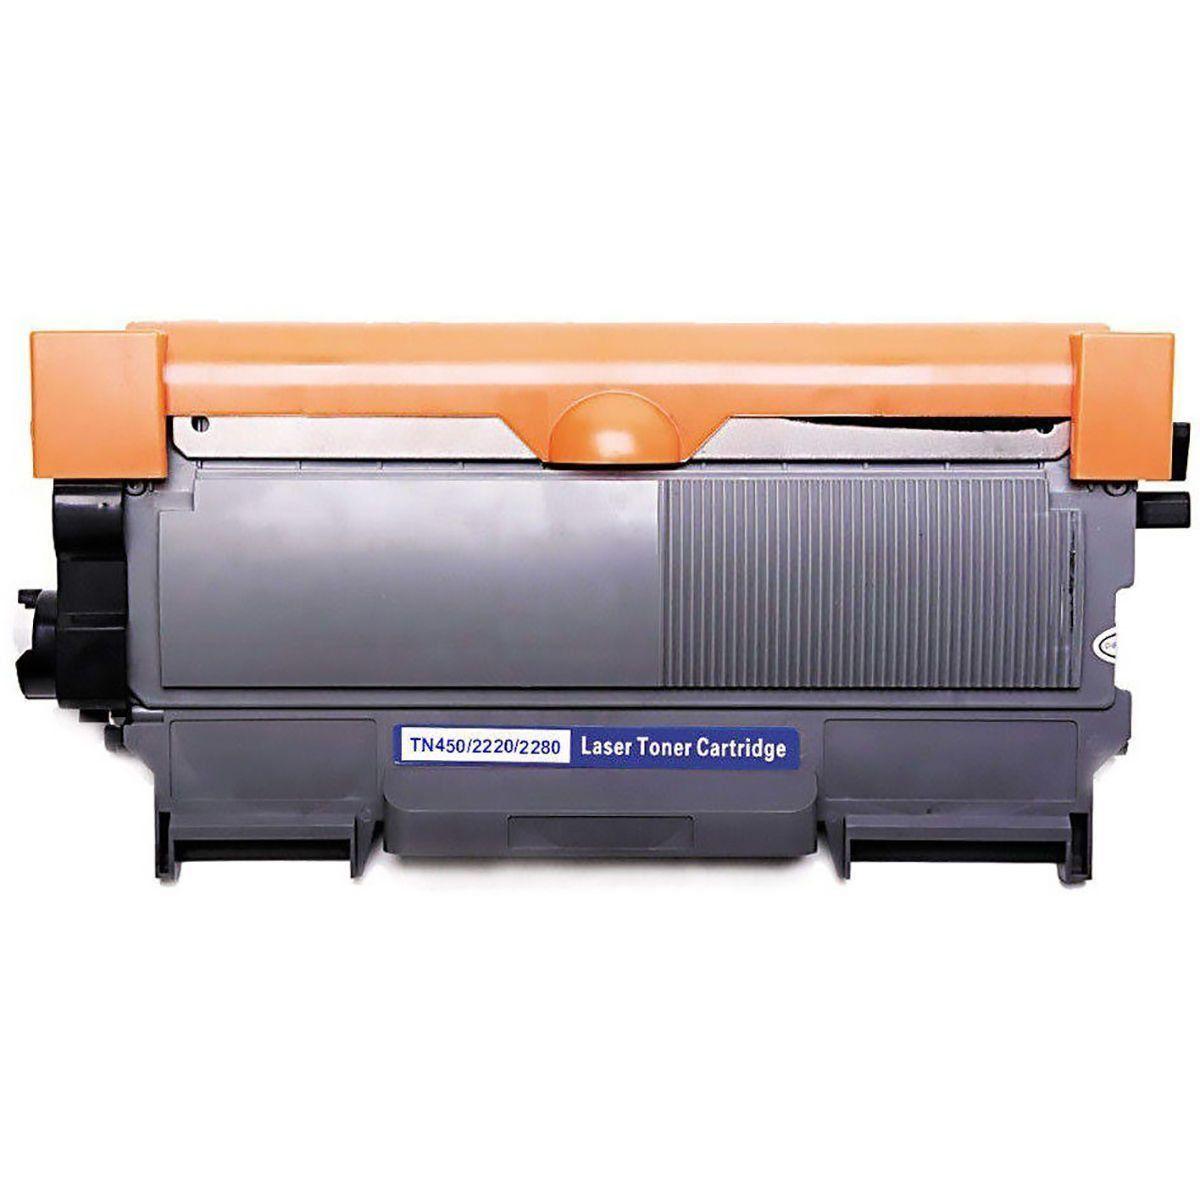 Compatível: Toner para Brother MFC-7860dw 7860 MFC-7360n 7360 MFC7860dw MFC7860 MFC7360n MFC7360 / Preto / 2.600